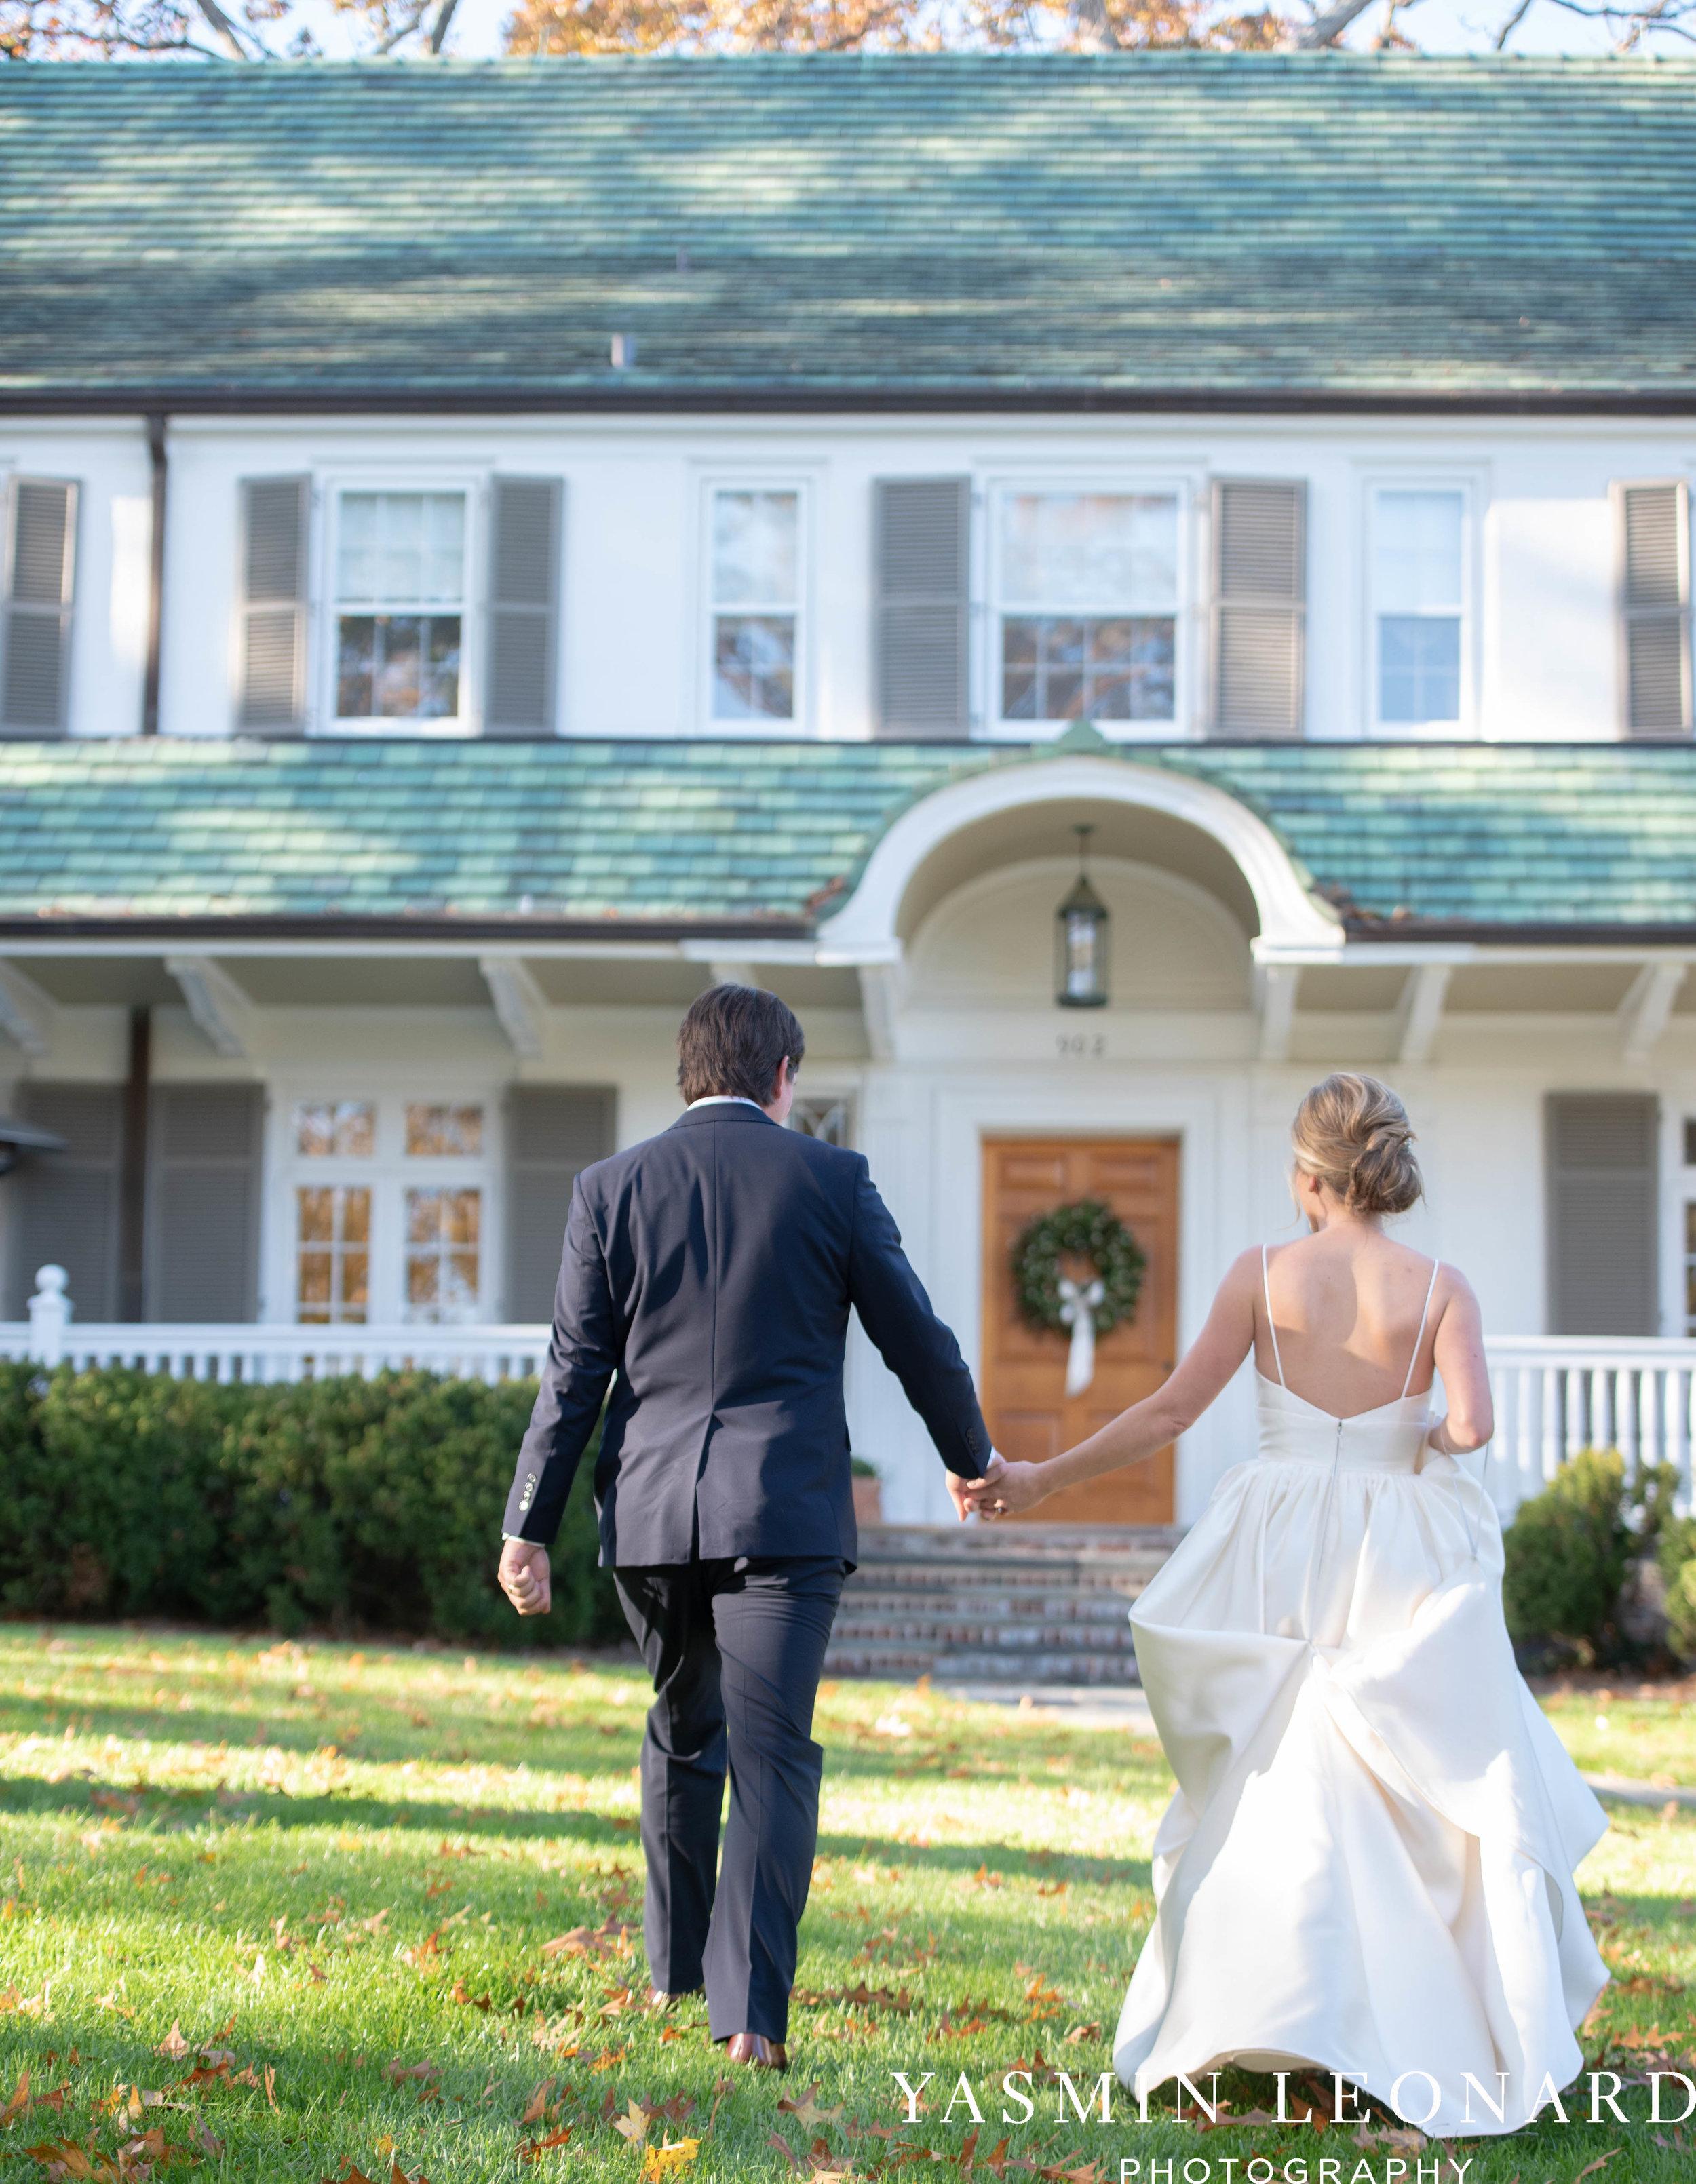 Wesley Memorial United Methodist Church - EmeryWood - High Point Weddings - High Point Wedding Photographer - NC Wedding Photographer - Yasmin Leonard Photography-61.jpg